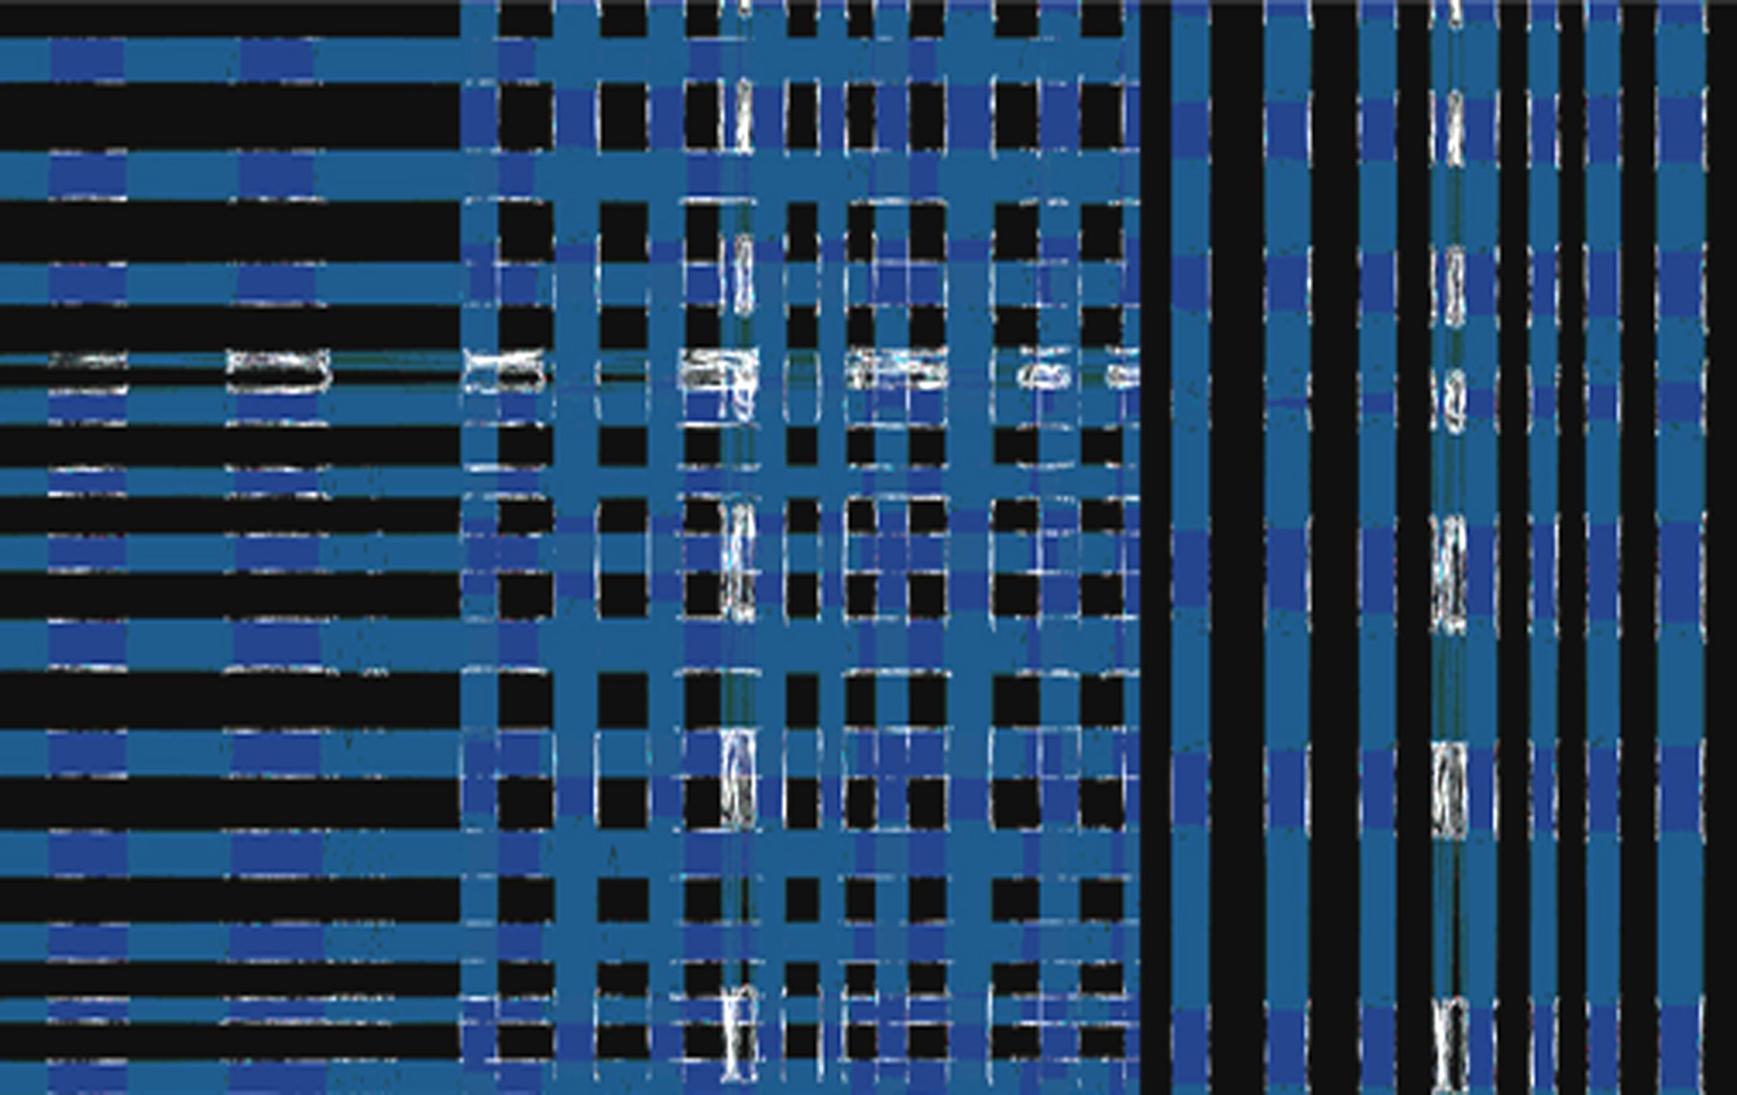 Plaza 5, 29X18 cm.jpg